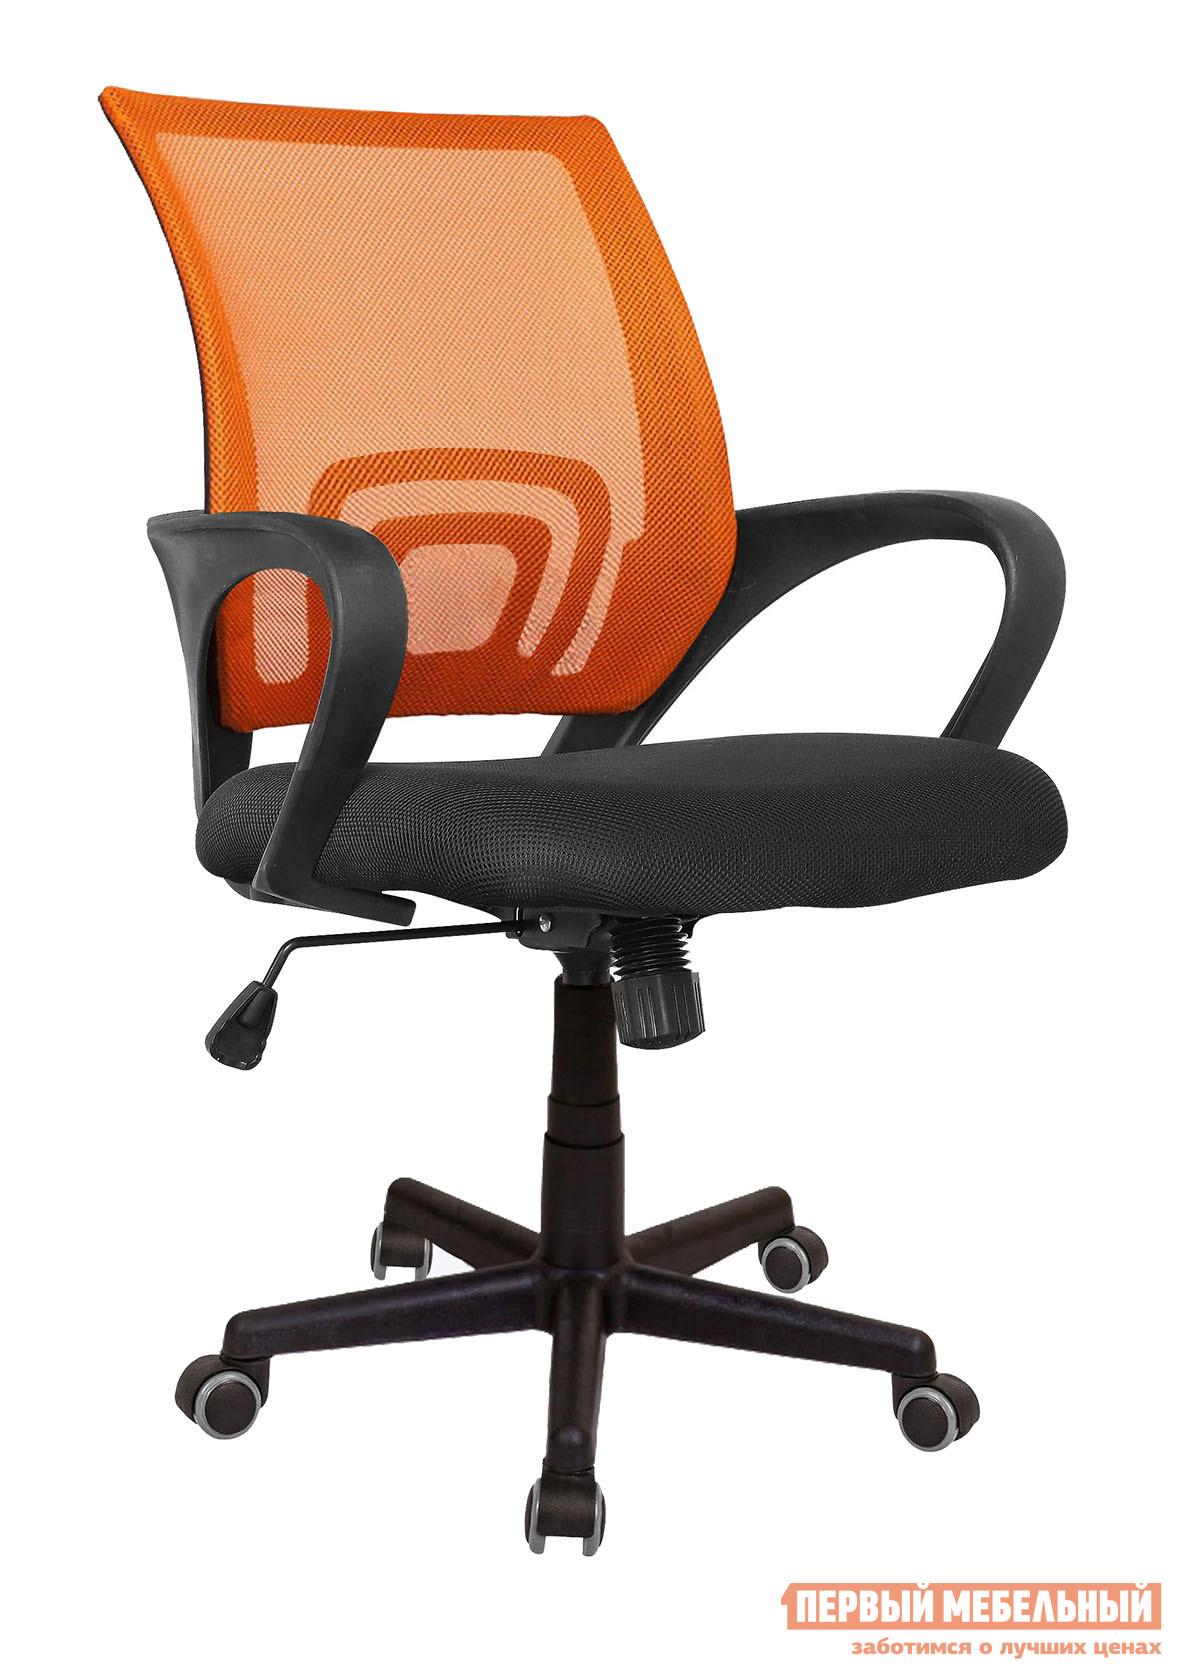 Офисное кресло Бюрократ CH-695 Сетка Оранжевый TW-38-3 / Черный TW-11